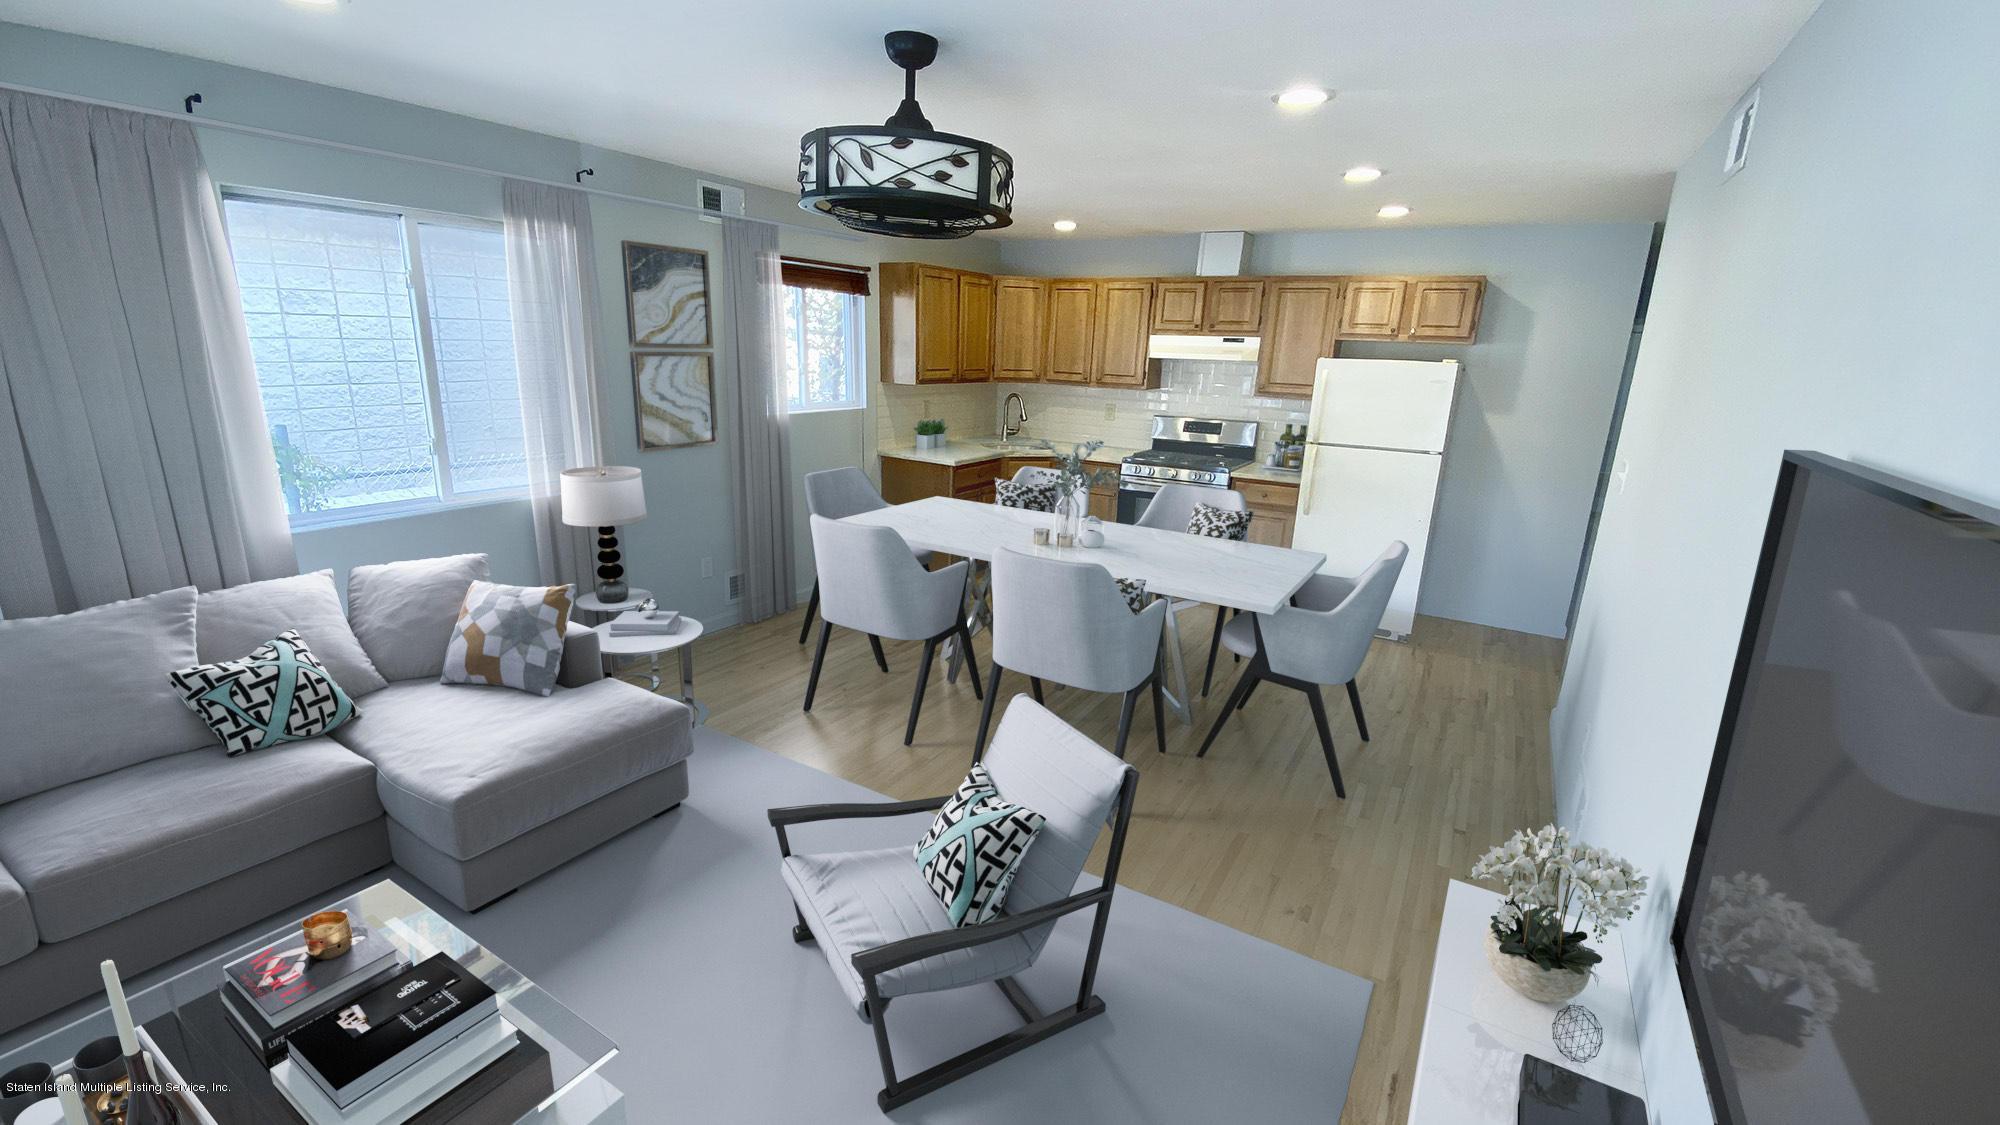 3862 Hylan Boulevard,Staten Island,New York,10308,United States,2 Bedrooms Bedrooms,5 Rooms Rooms,1 BathroomBathrooms,Res-Rental,Hylan,1135553